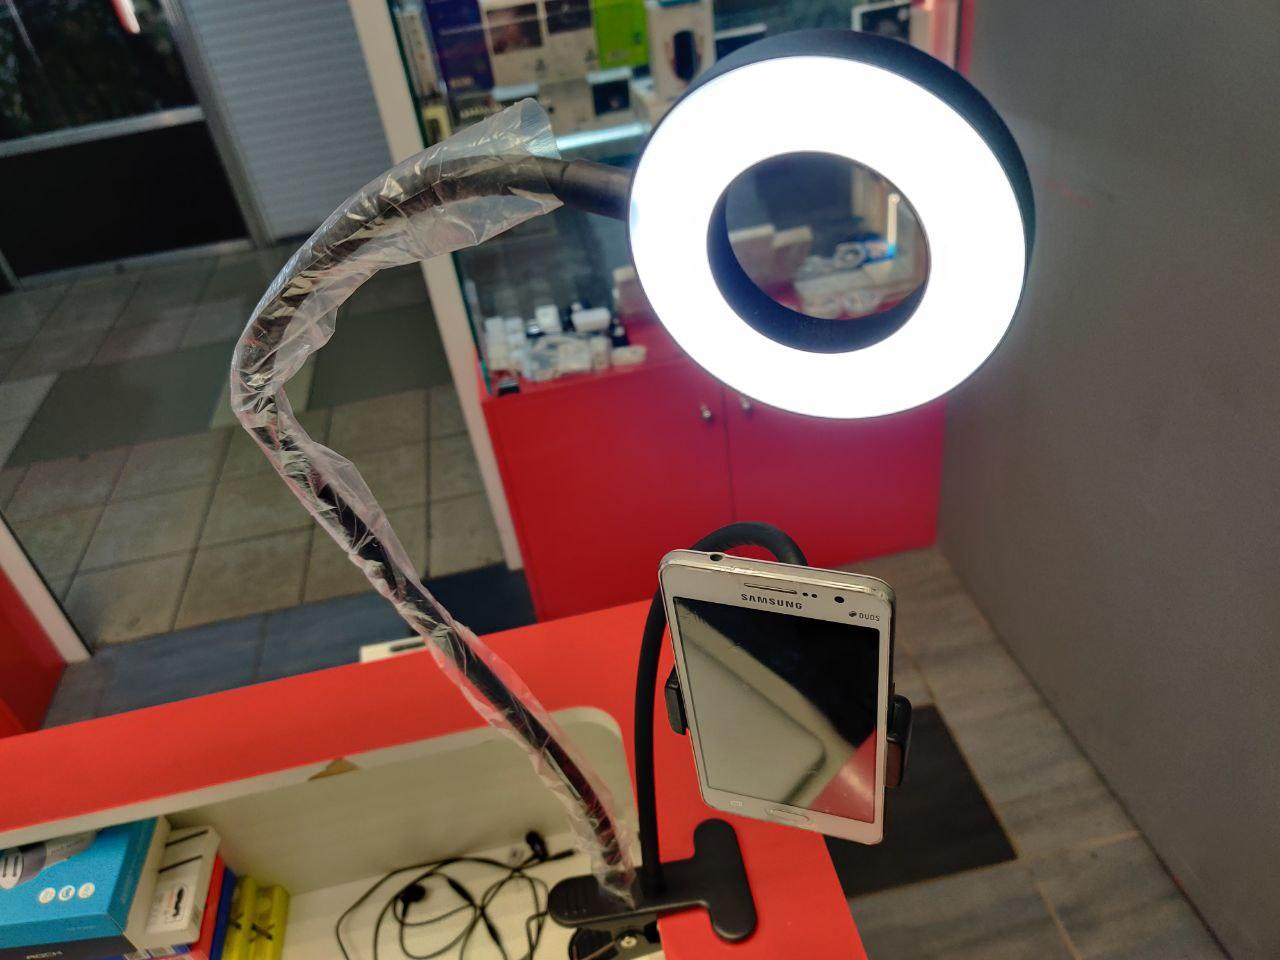 Лампа кольцевая с держателем для смартфона в Москве 89771038898 купить 7